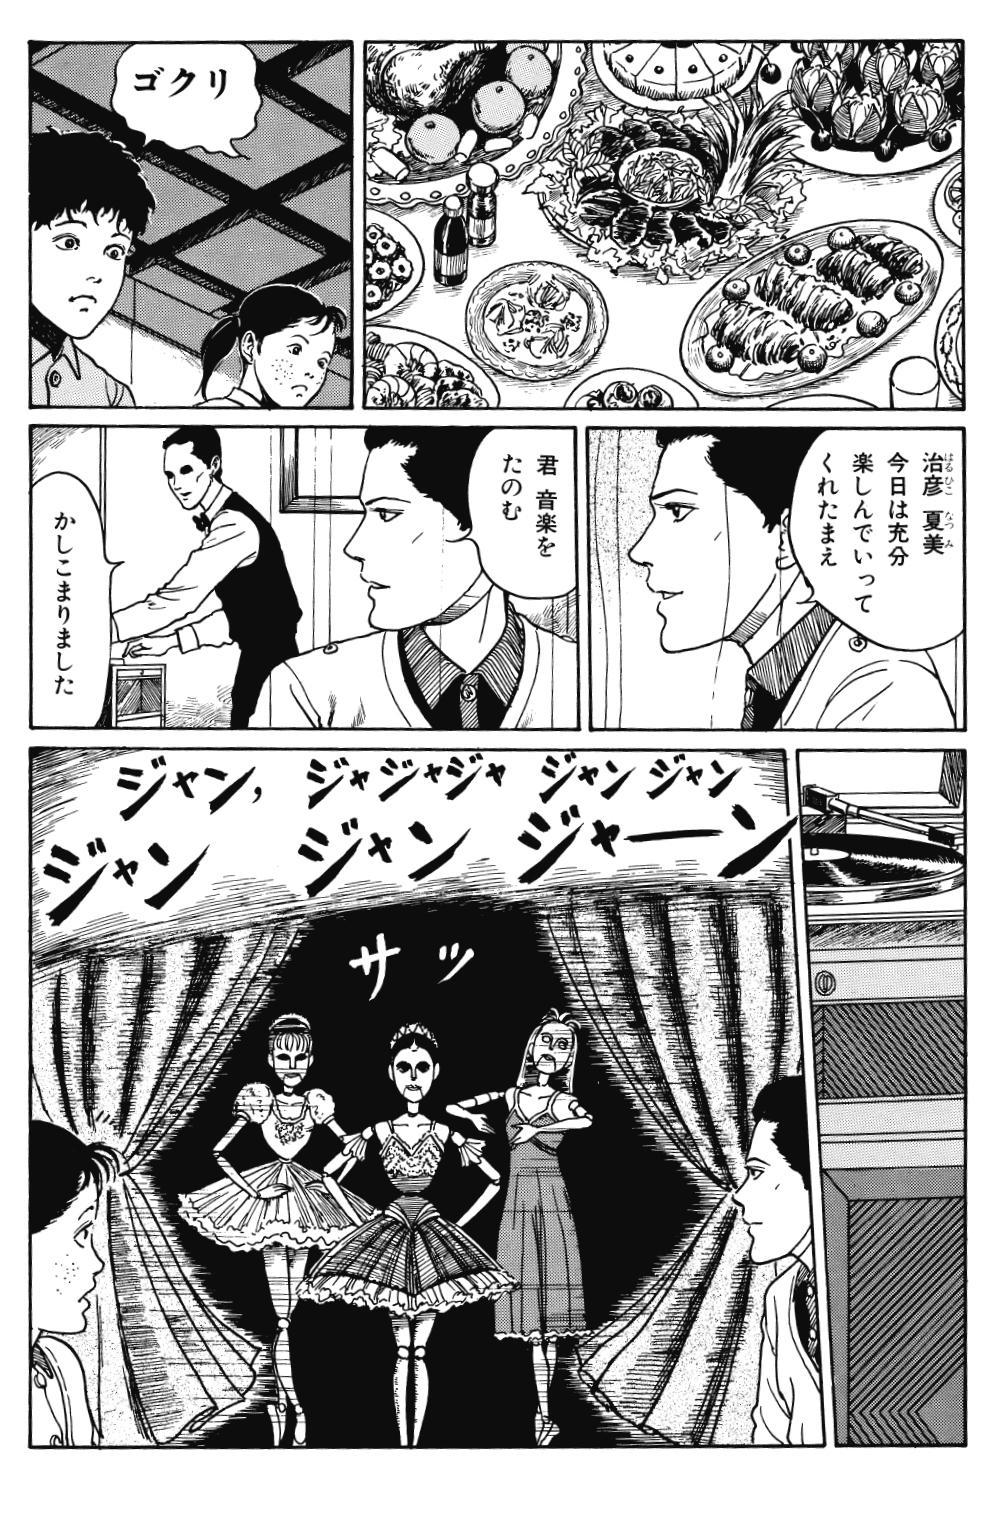 伊藤潤二自選傑作集 第5話「あやつり屋敷」②ayaturiyasiki-2-199.jpg